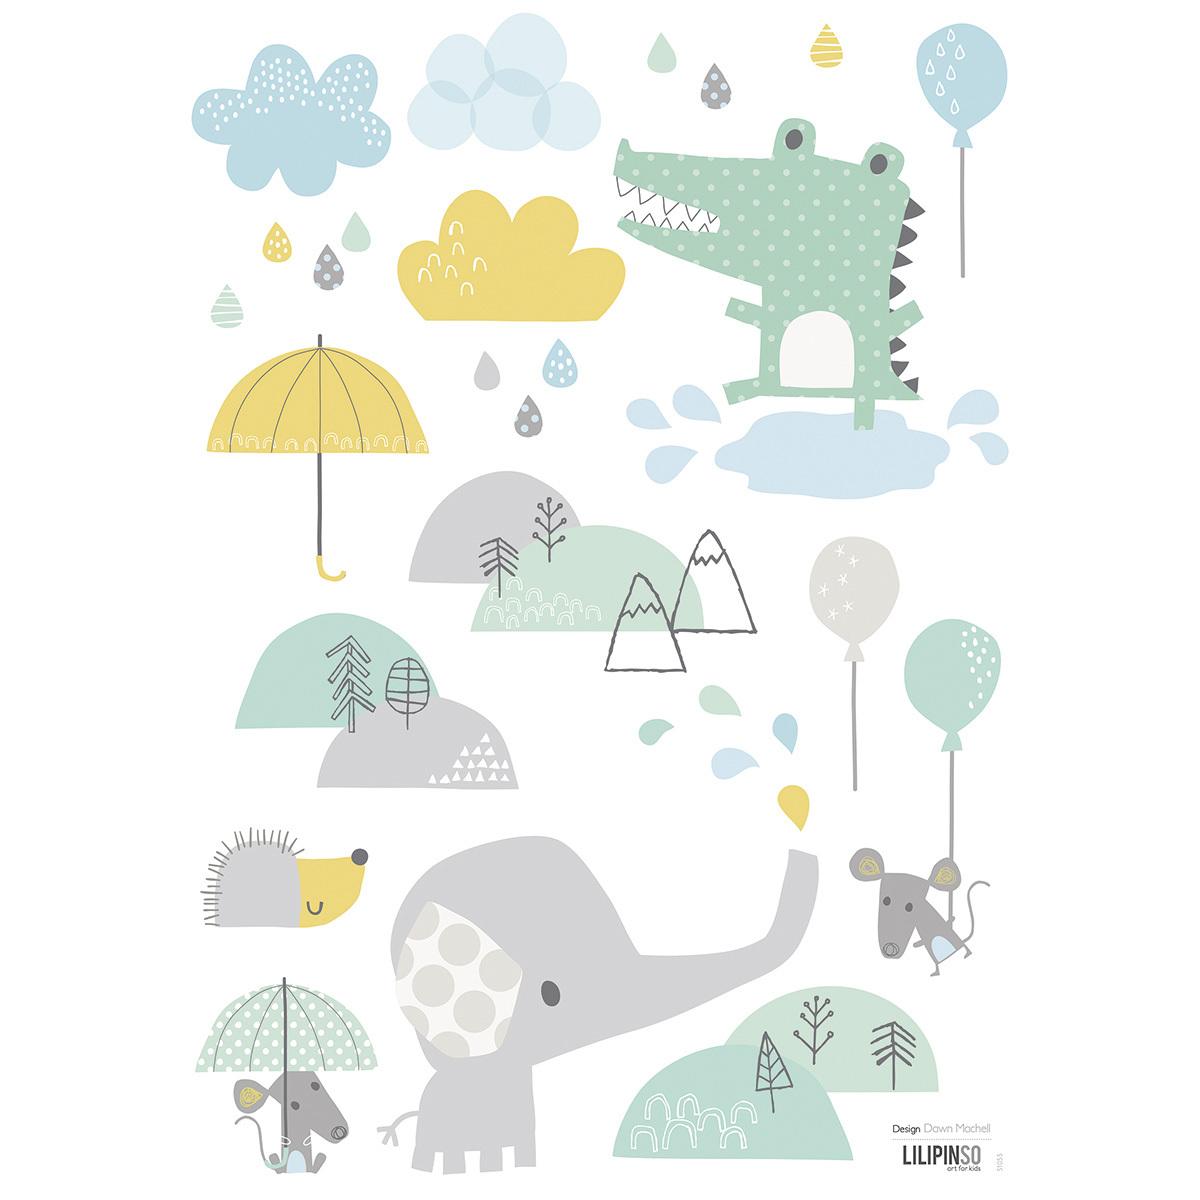 Sticker Planche de Stickers - Bébé Eléphant Planche de Stickers - Bébé Eléphant